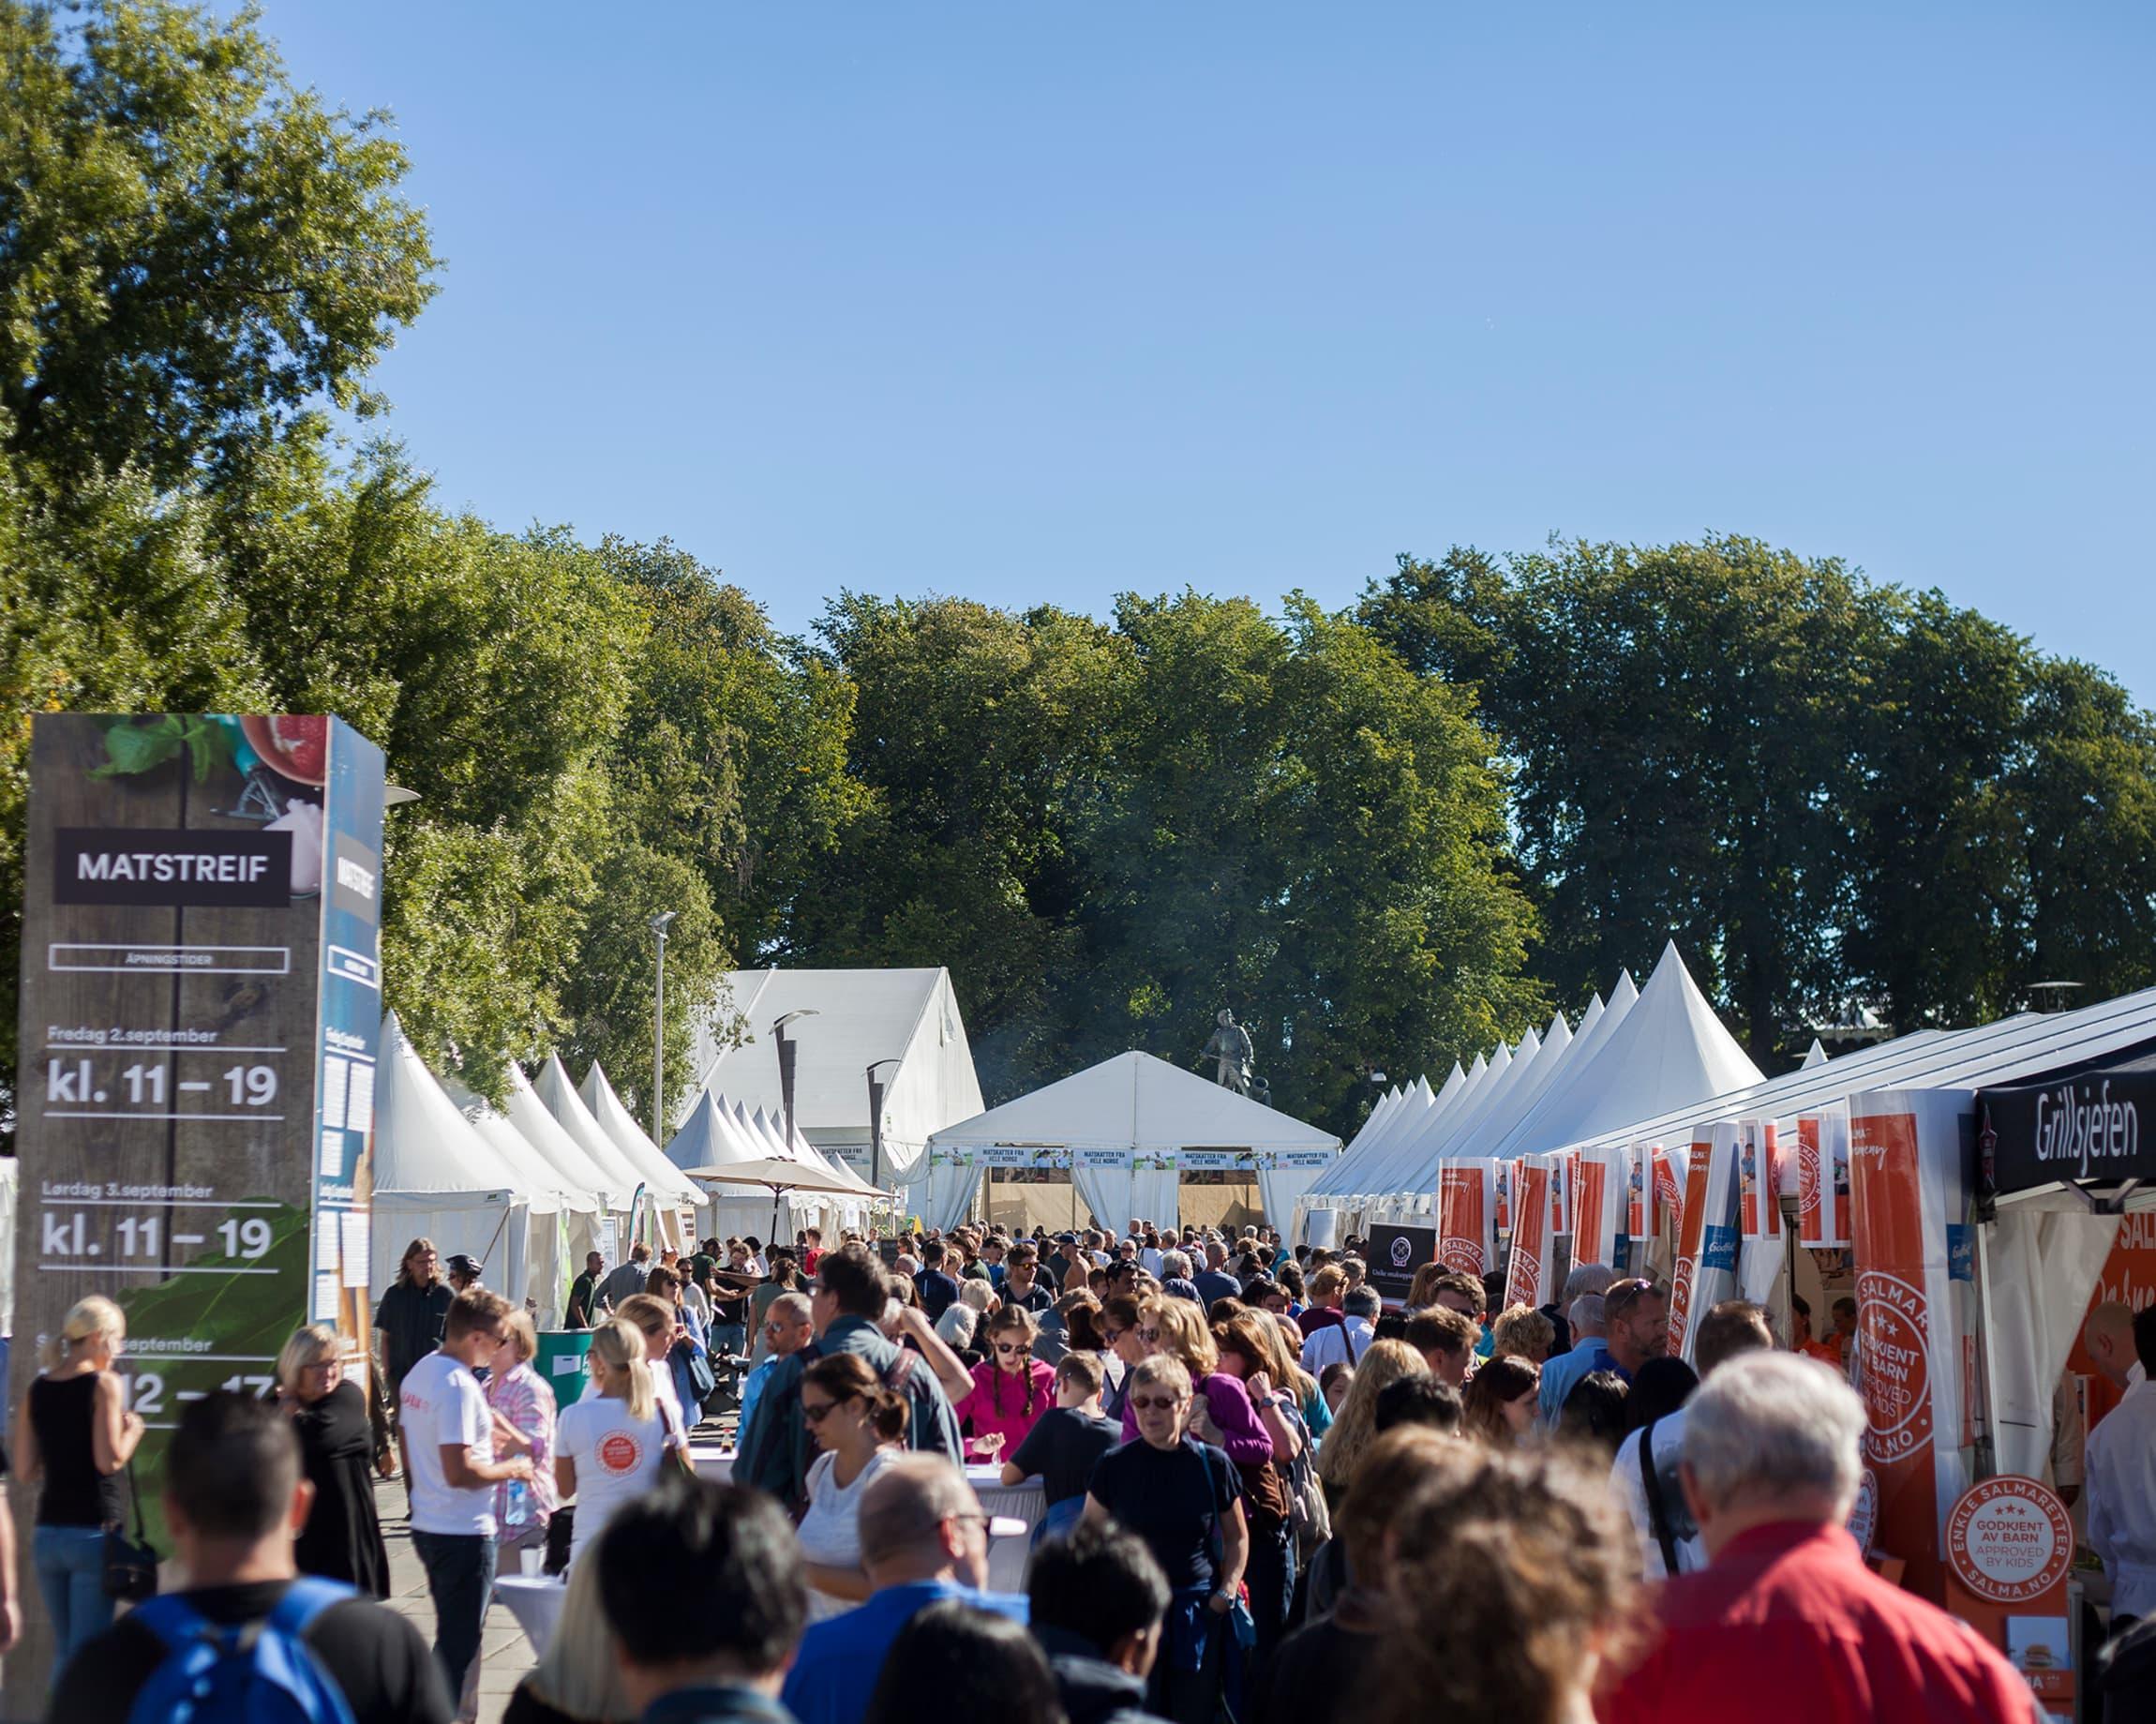 Matstreif matfestival 2019